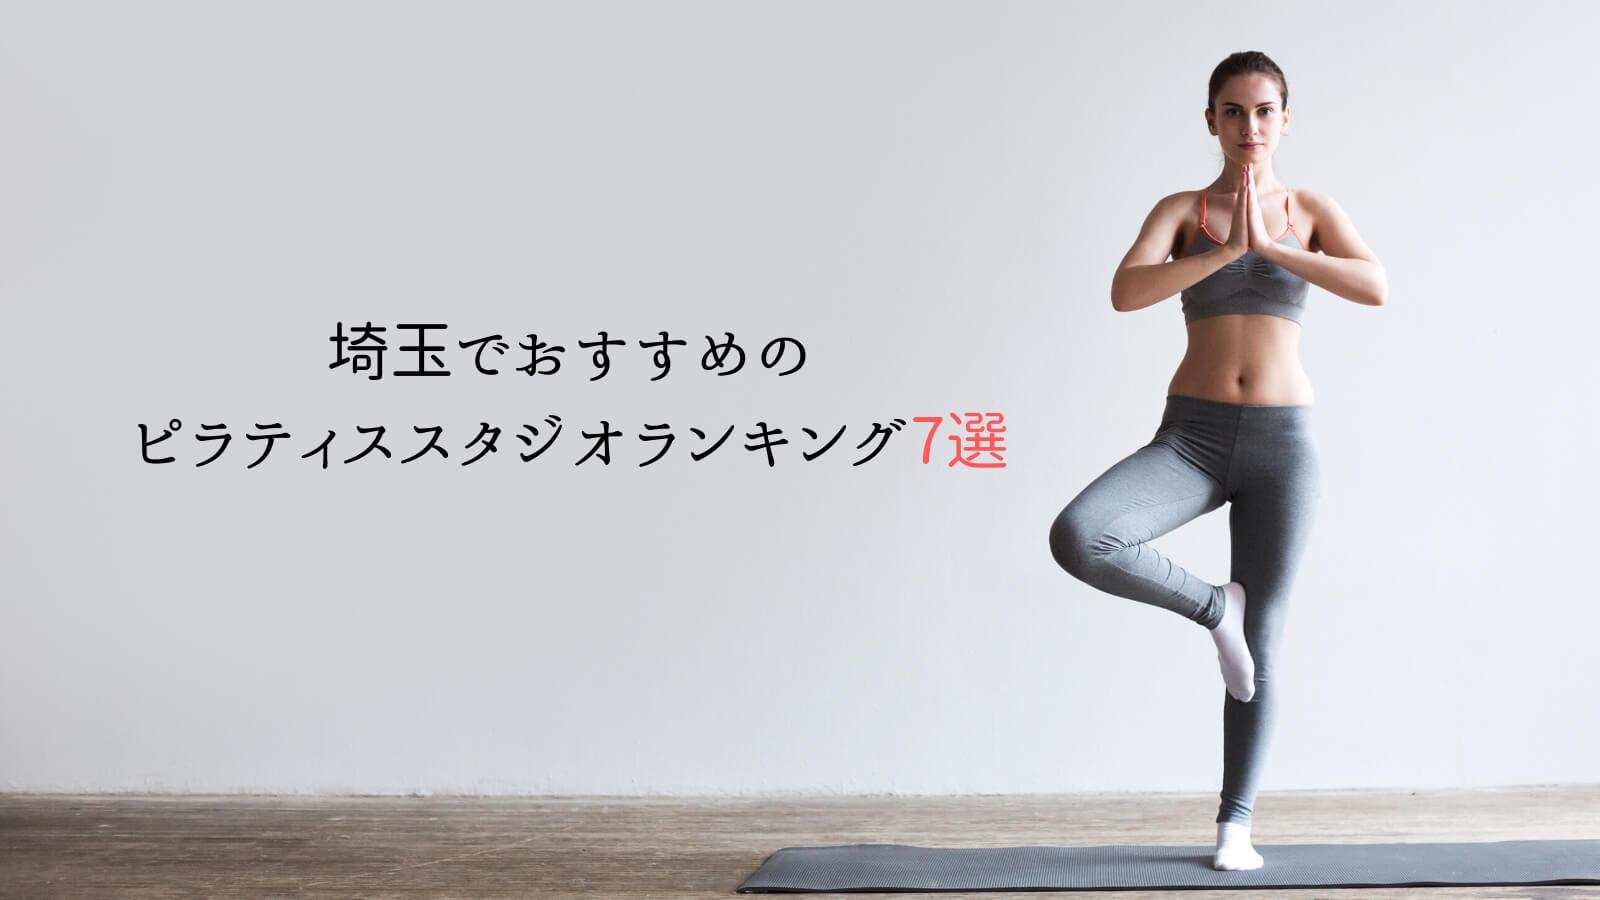 埼玉でおすすめのピラティススタジオランキング7選